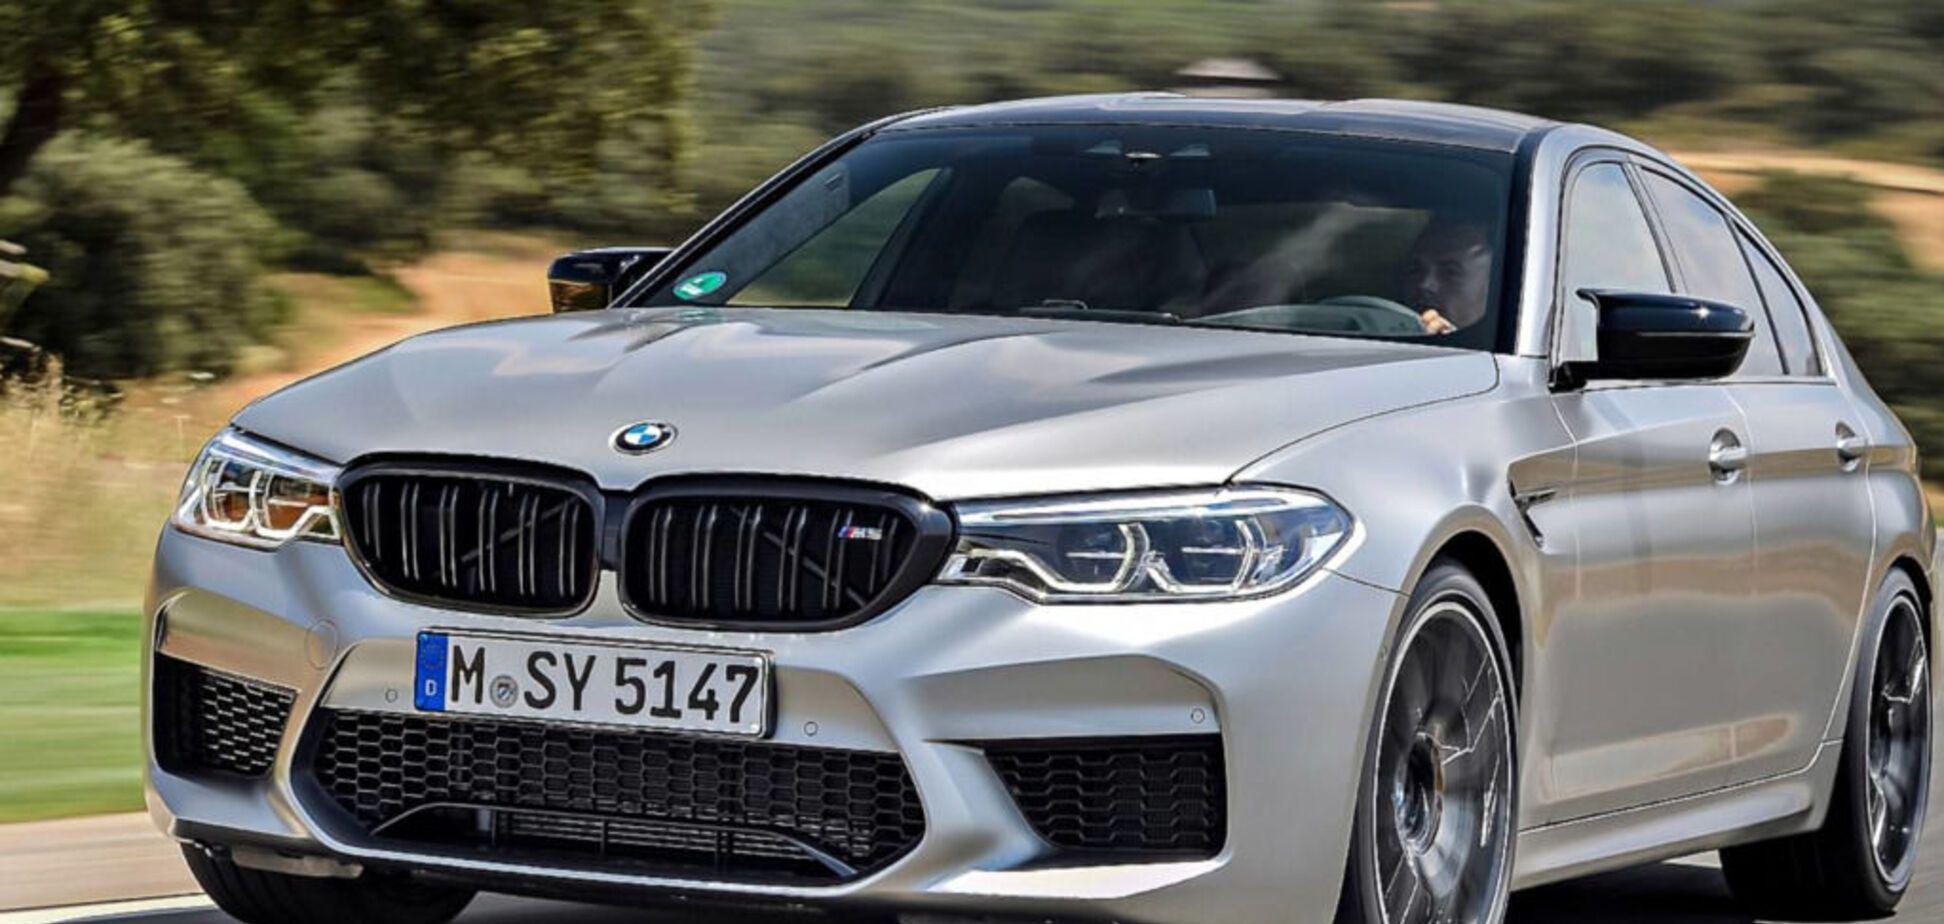 Українська митниця конфіскувала нову BMW M5 за 150 000 євро